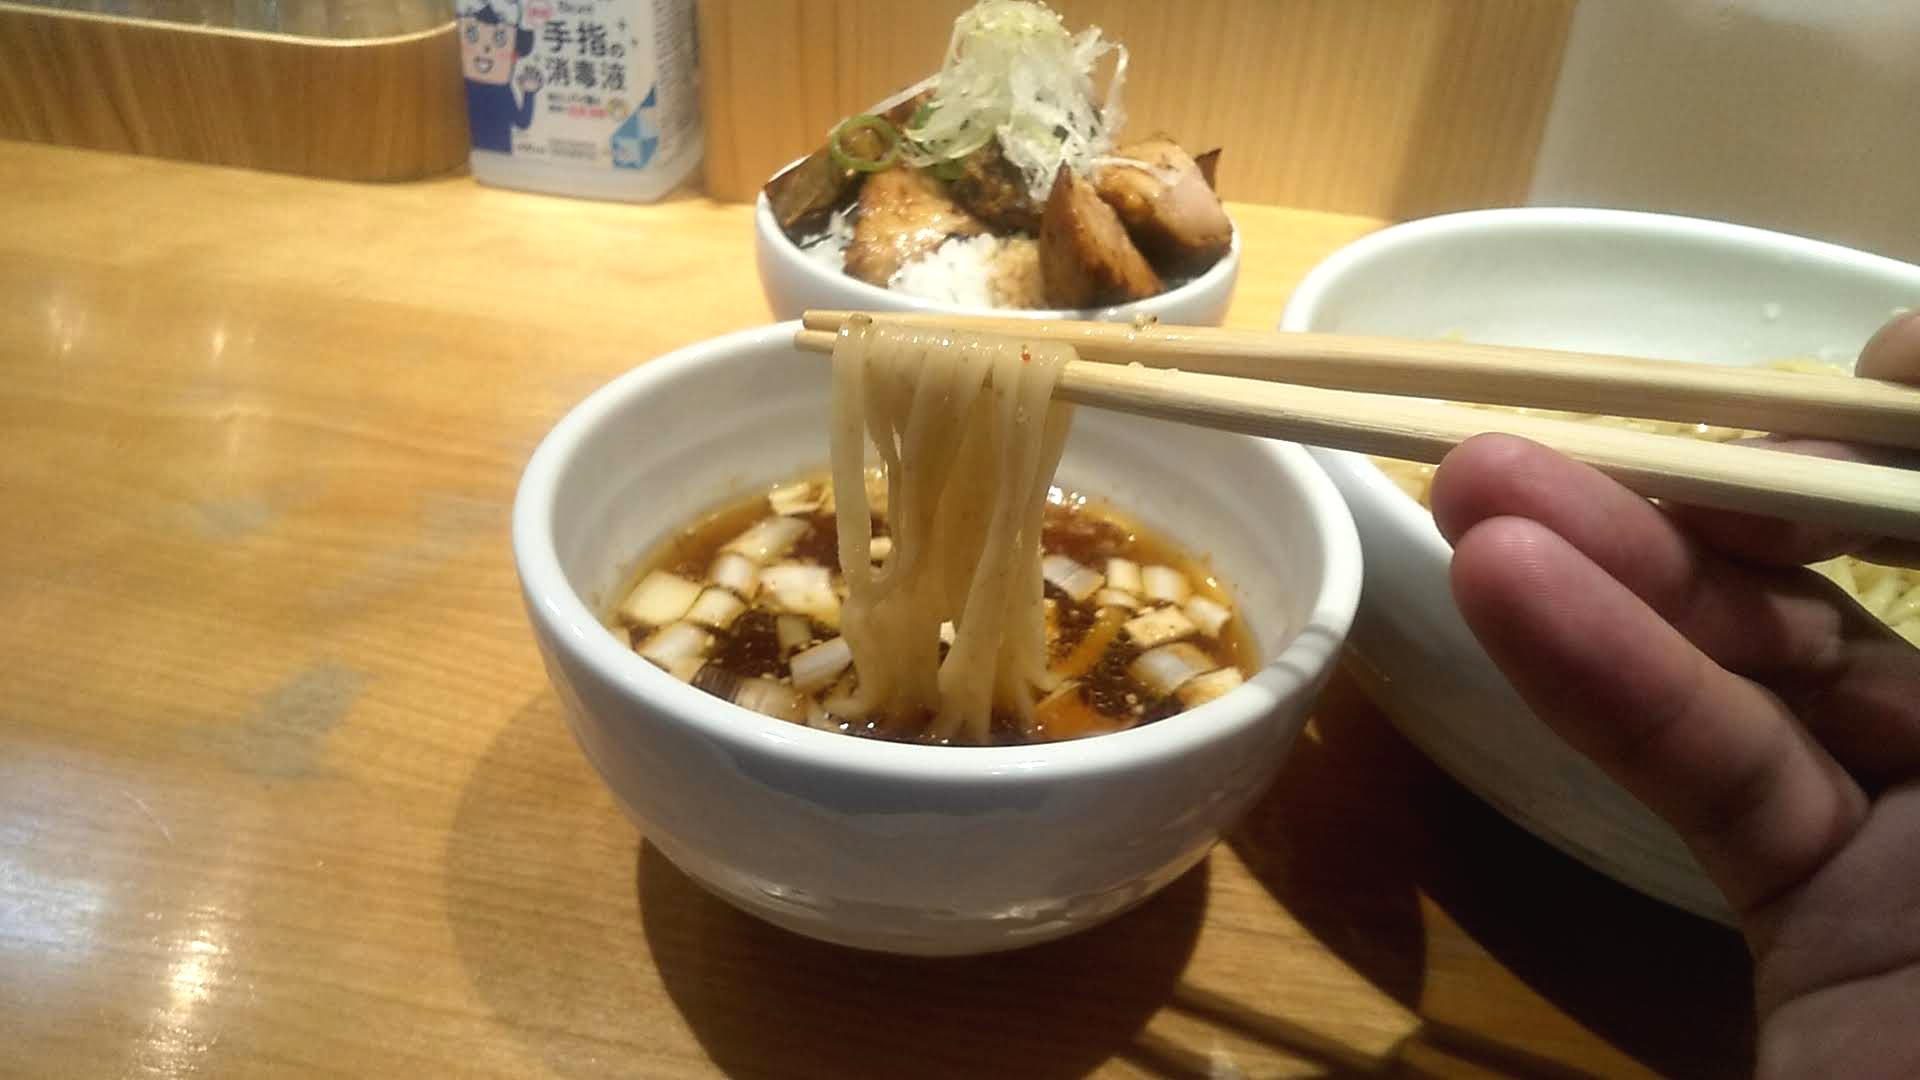 佐々木製麺所のつけ麺の麺リフト写真